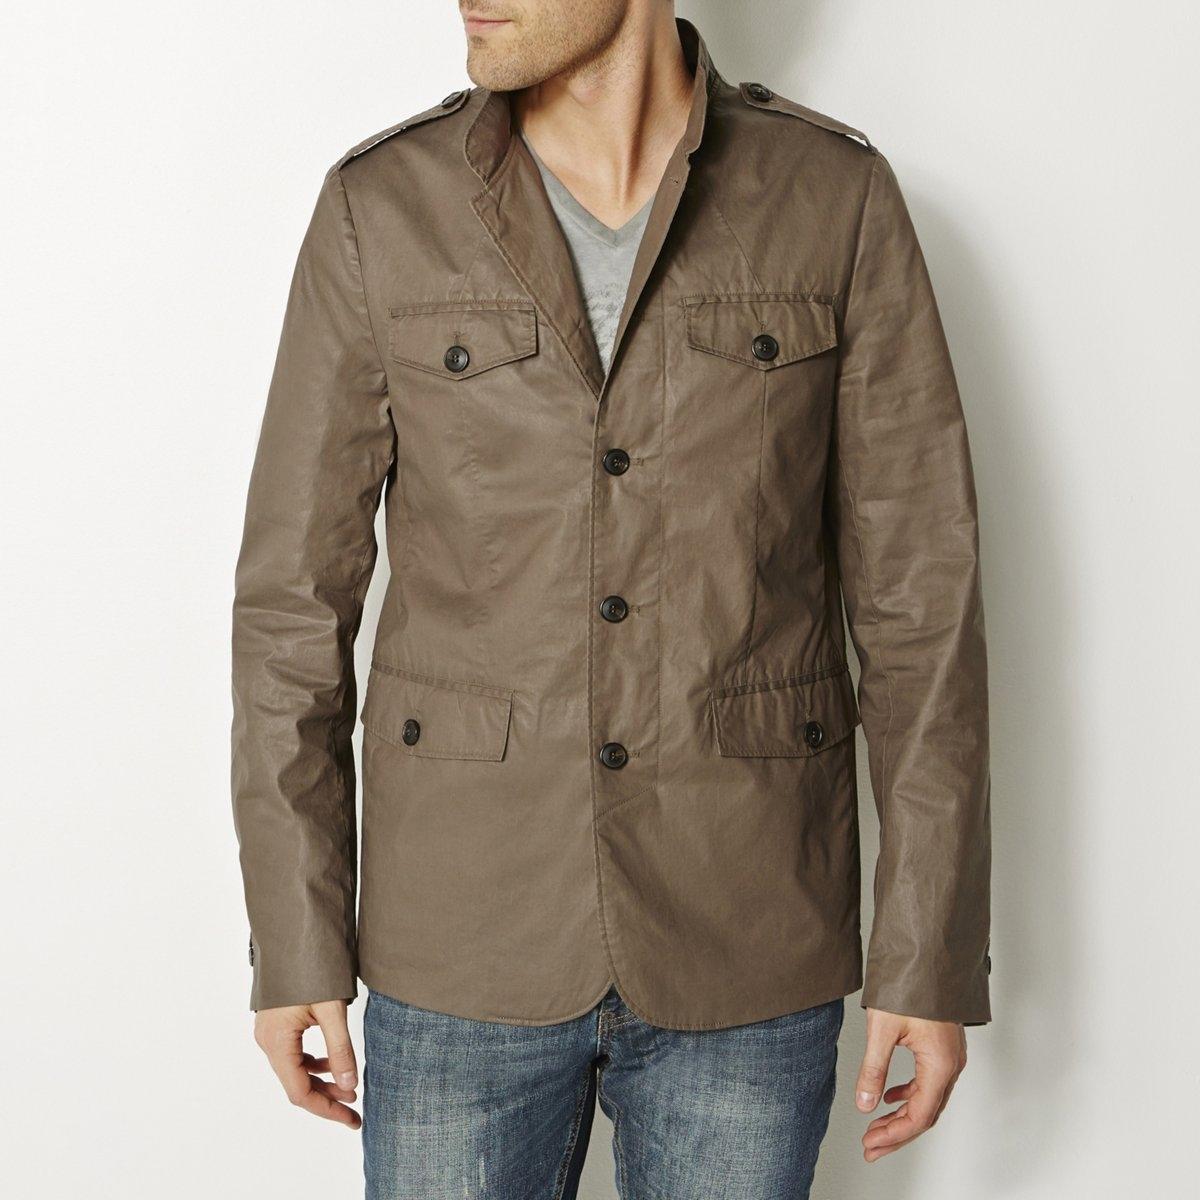 КурткаКуртка с воротником-стойкой. 100% хлопка с пропиткой, контрастная подкладка из полиэстера. 4 кармана с клапанами, 2 внутренних кармана. Застежка на пуговицы. Хлястик сзади. Шлица сзади. Погоны. Длина 75 см.<br><br>Цвет: хаки<br>Размер: 46